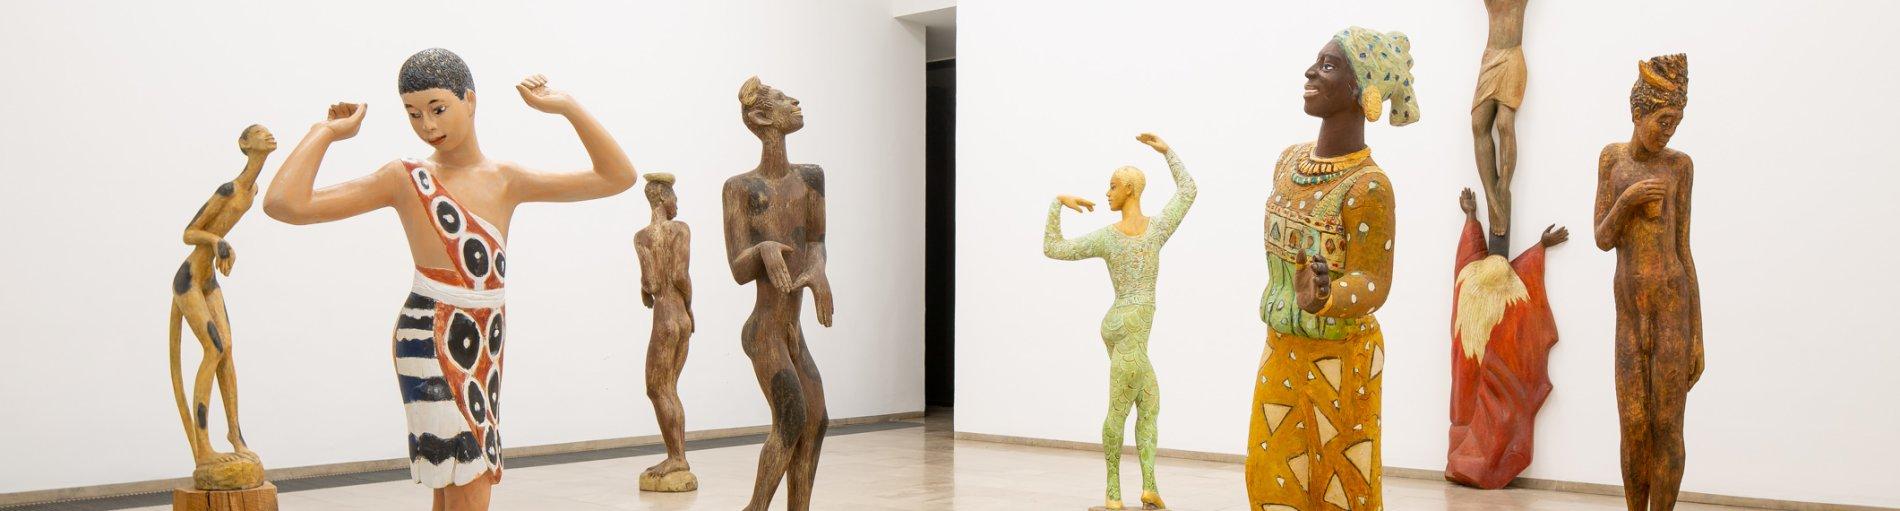 Figuren aus der Luise Kimme Ausstellung im Gerhard Marcks Haus.